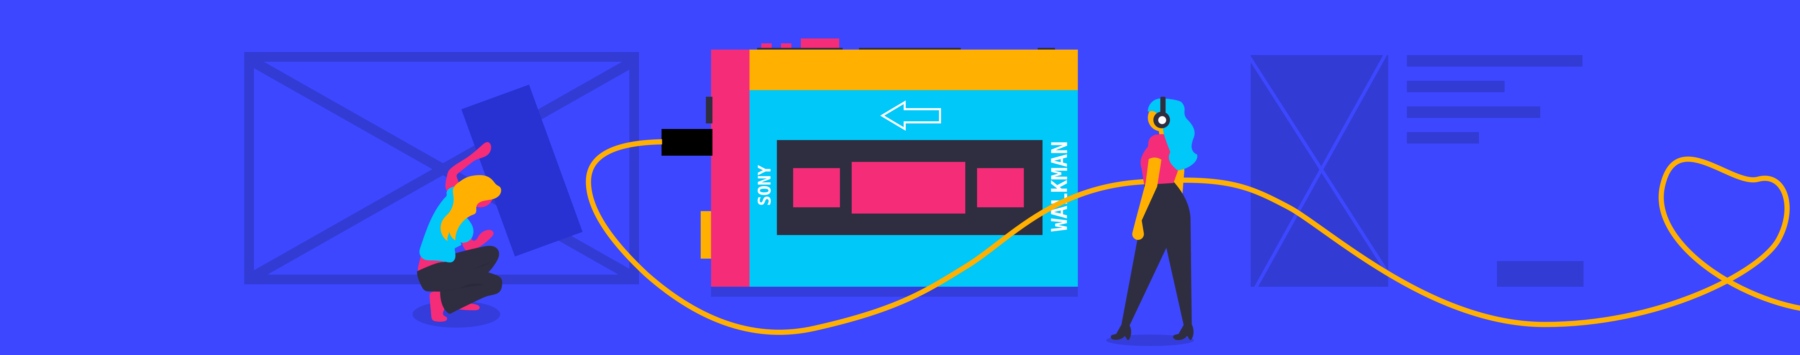 Poista ominaisuuksia, älä lisää niitä – Sony Walkman MVP tarina MEOM